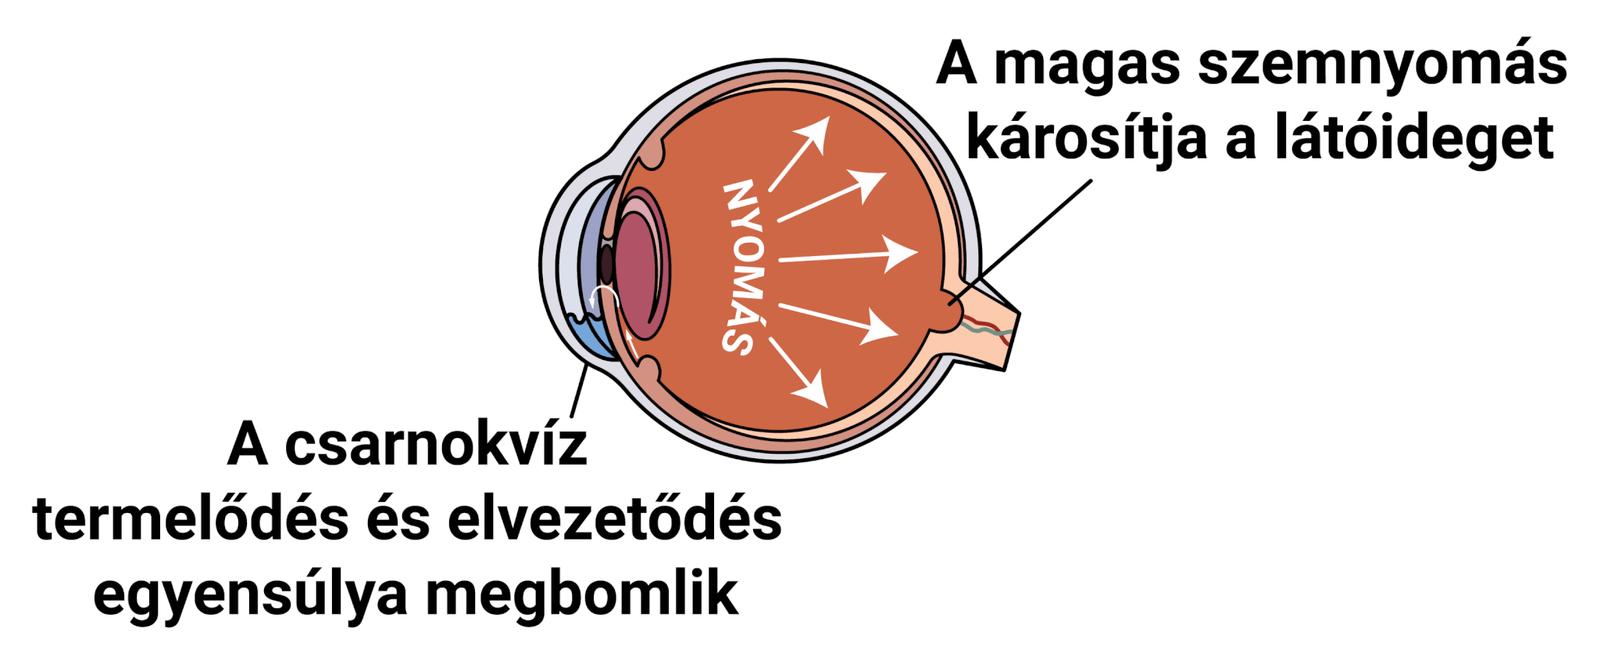 szemcseppek a látásvesztés megelőzése érdekében